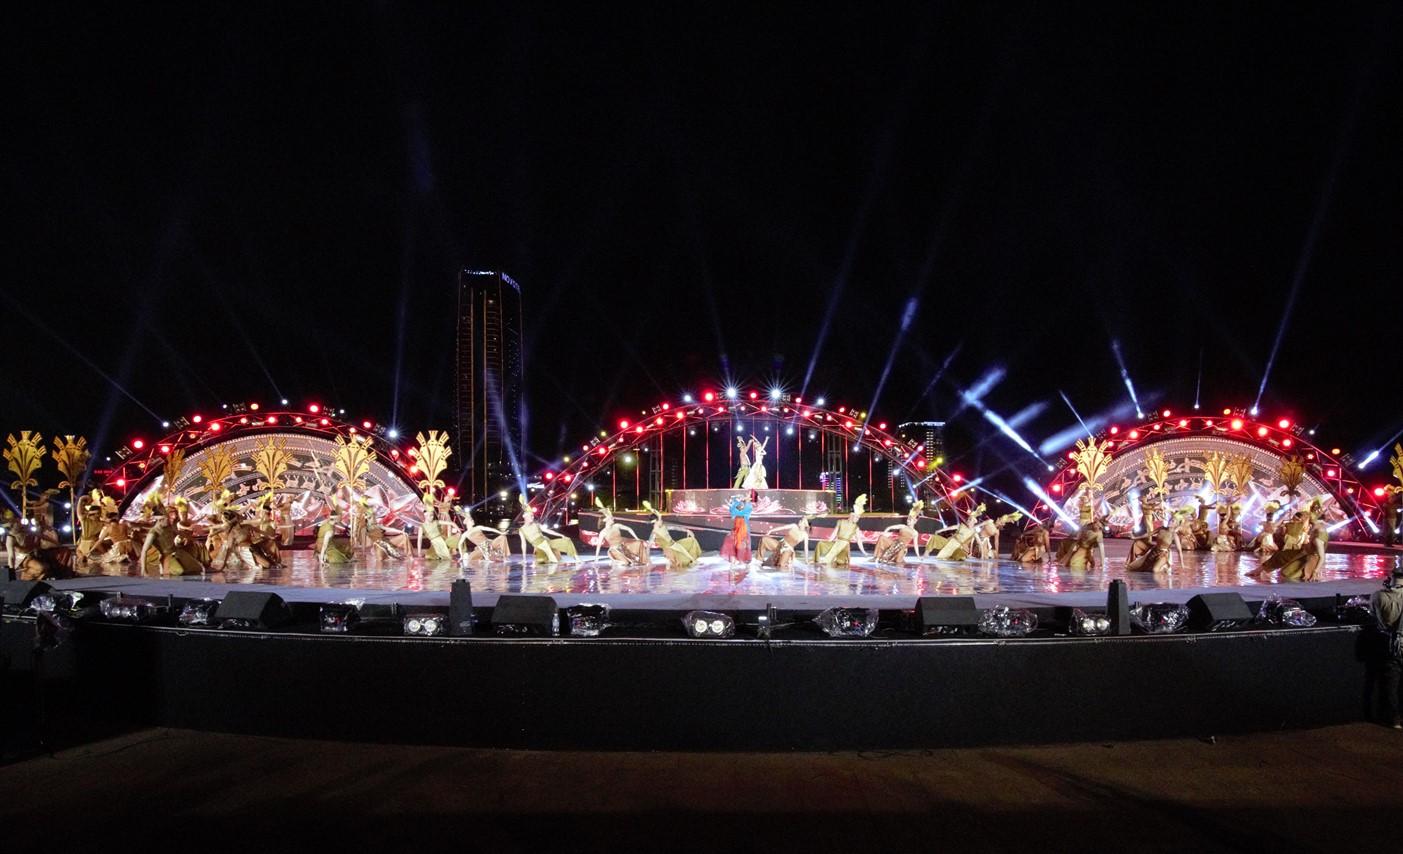 Lễ hội pháo hoa Quốc tế Đà Nẵng 2018 đã sẵn sàng cho đêm khai mạc 2